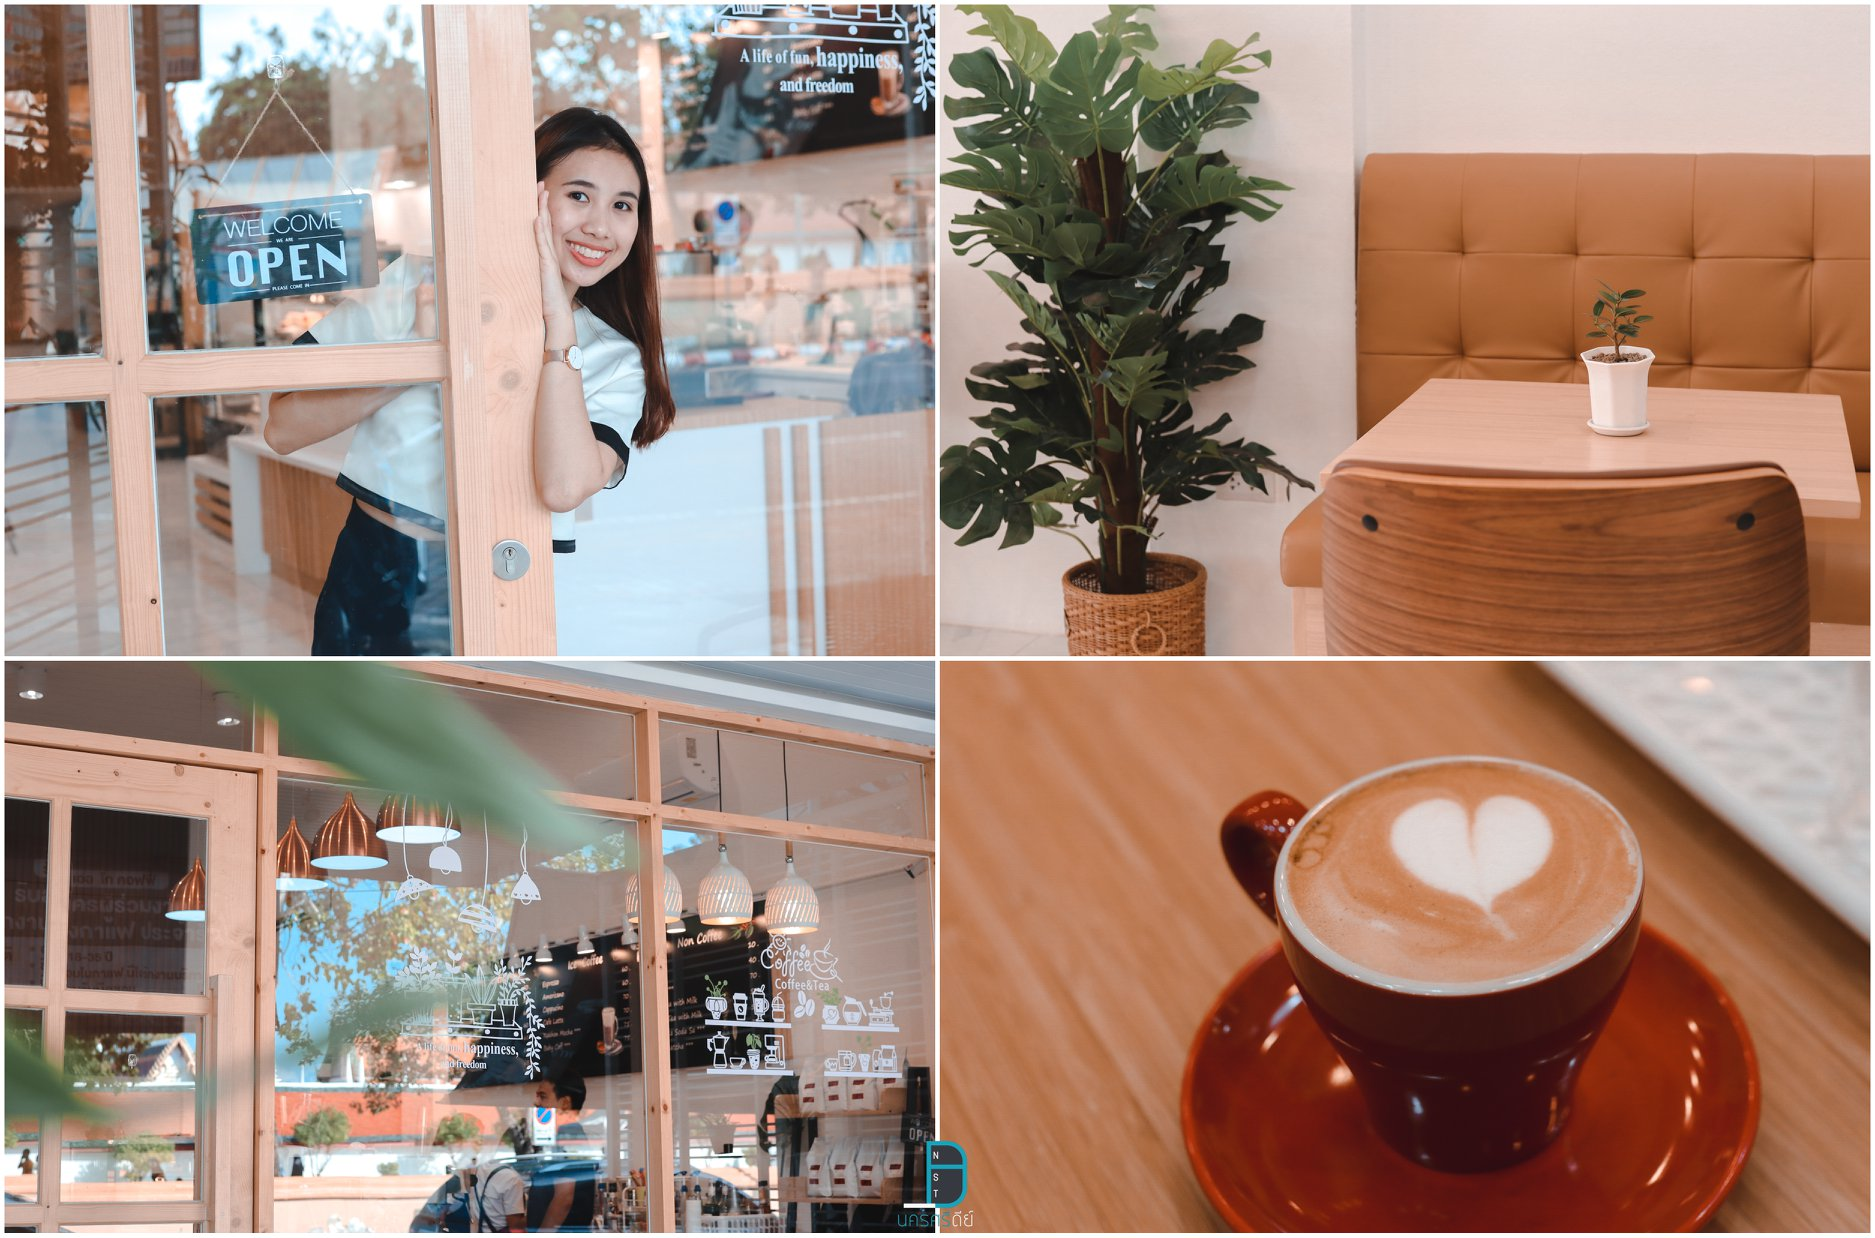 คาเฟ่,Cafe,นครศรีธรรมราช,2021,2564,ของกิน,จุดเช็คอิน,จุดถ่ายรูป